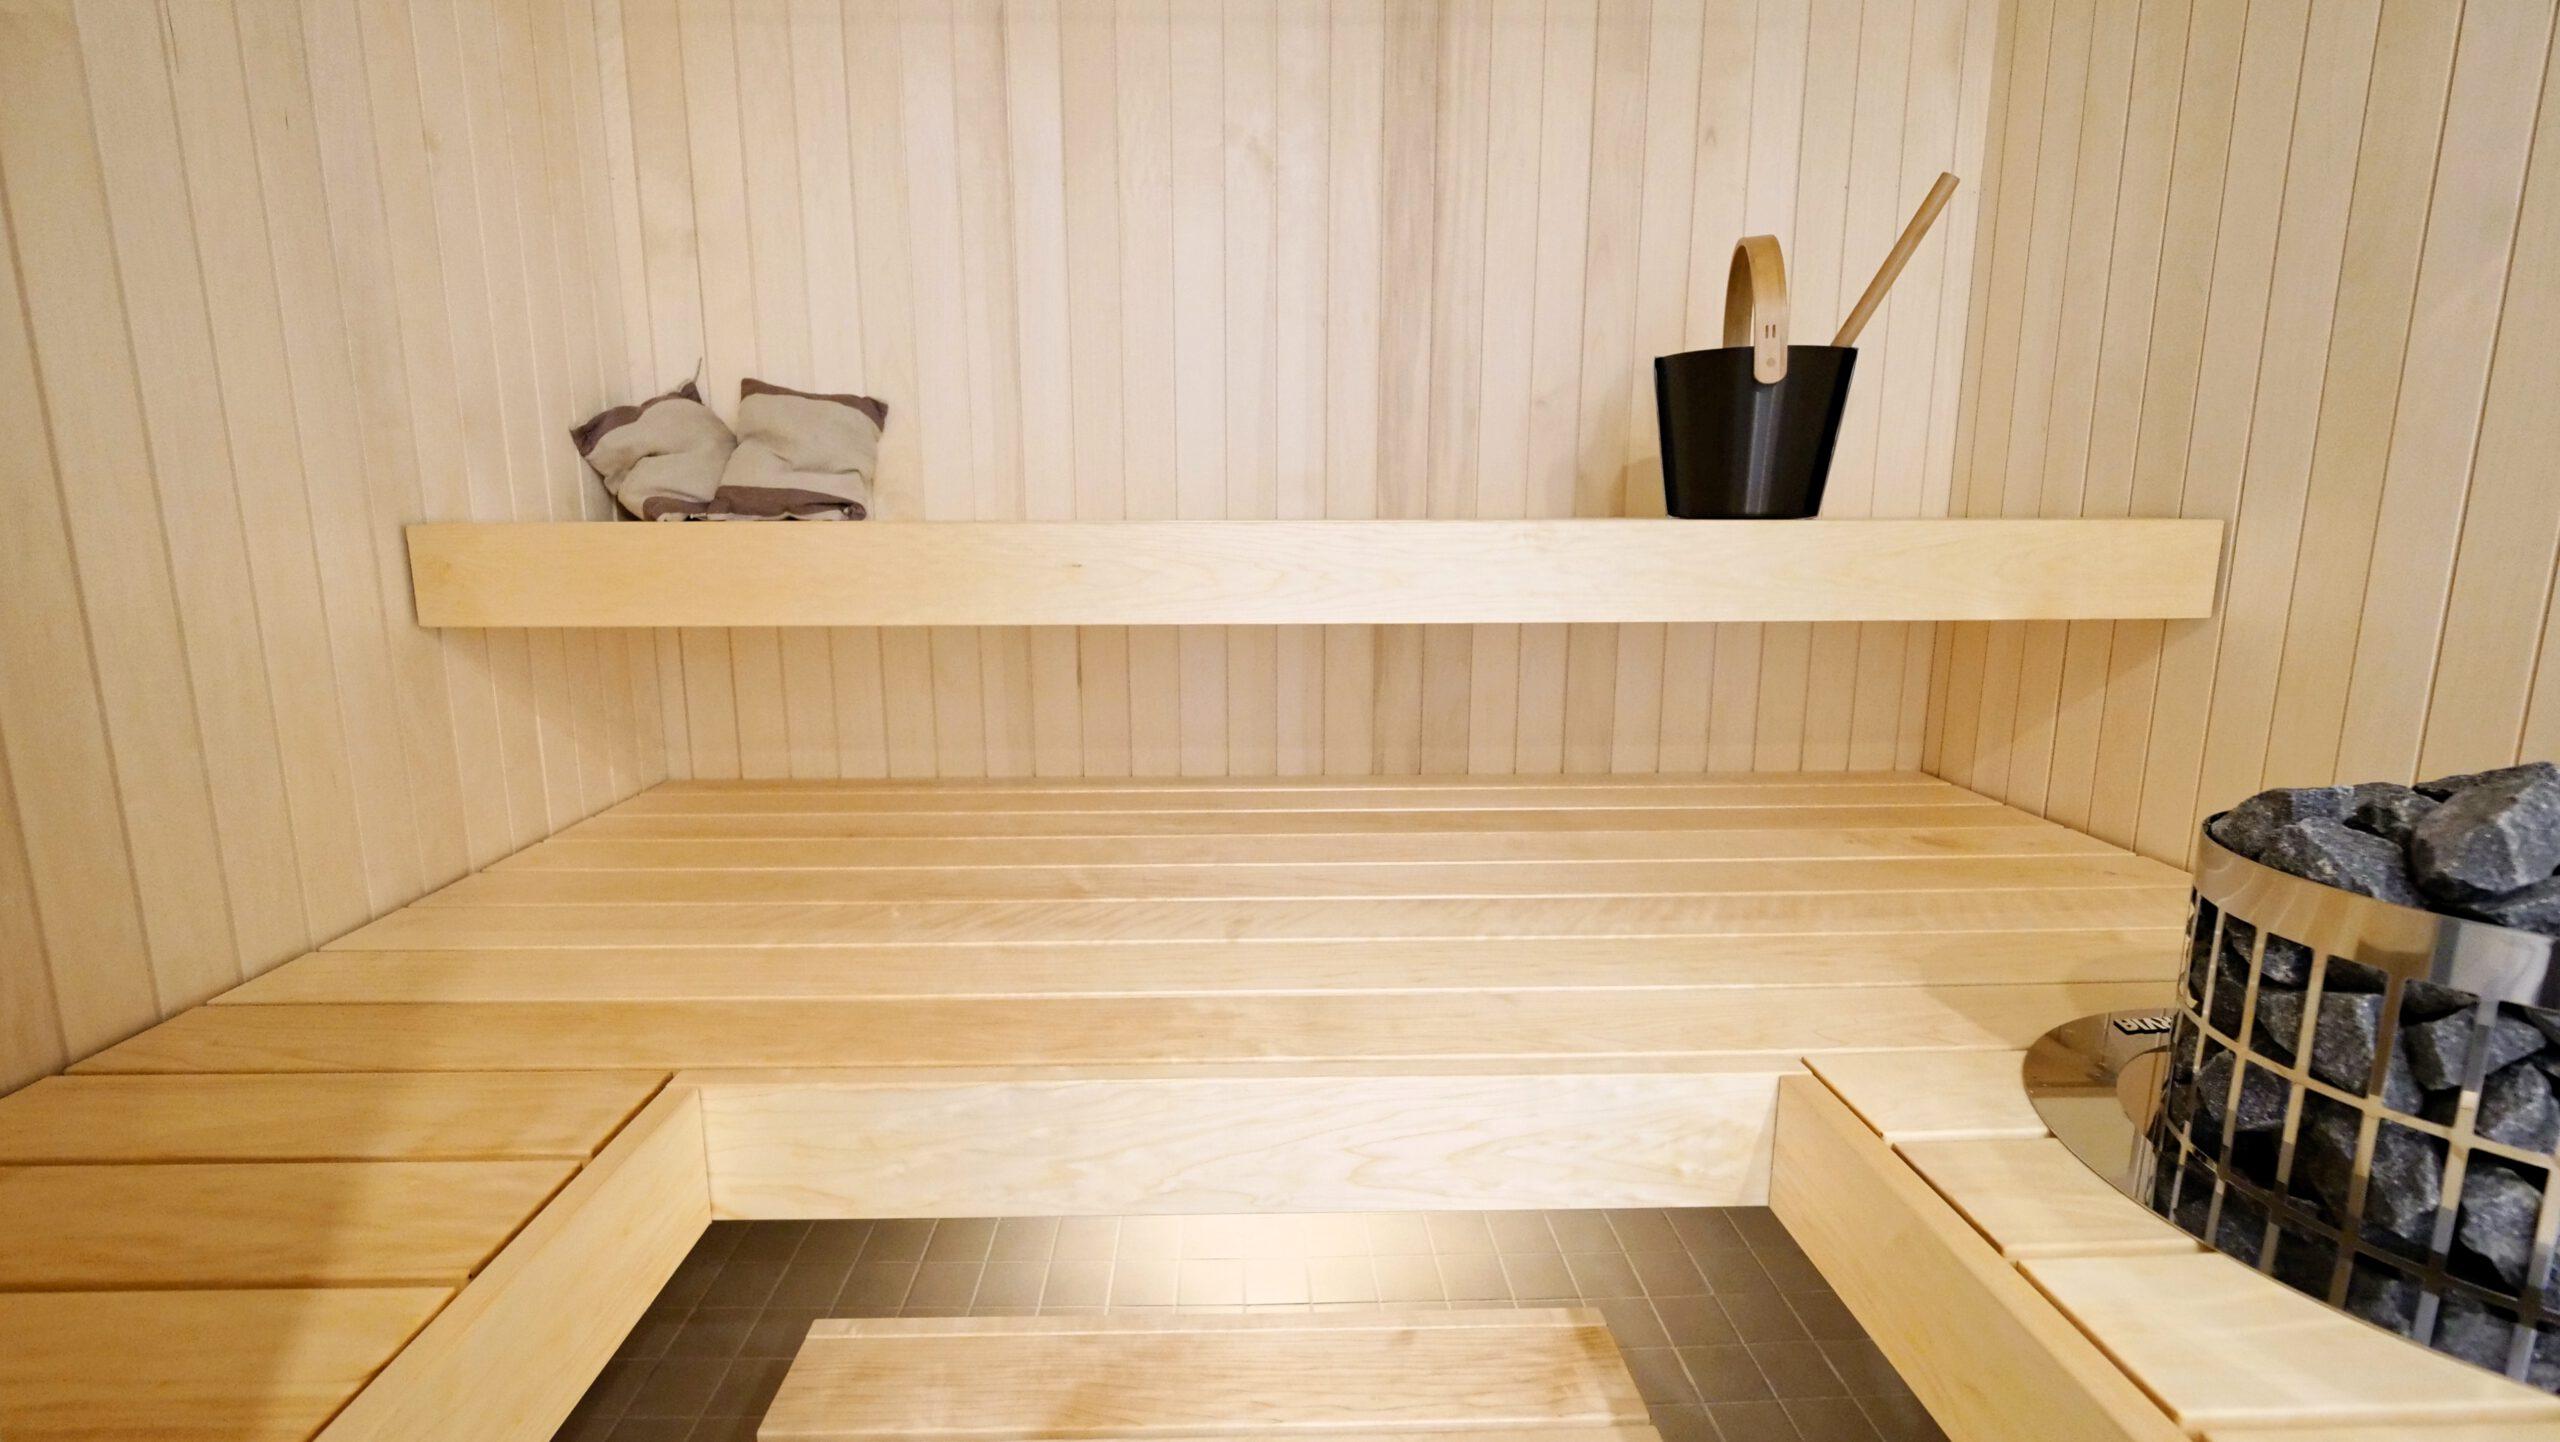 vaalea sauna, jossa näyttävät saunalauteet